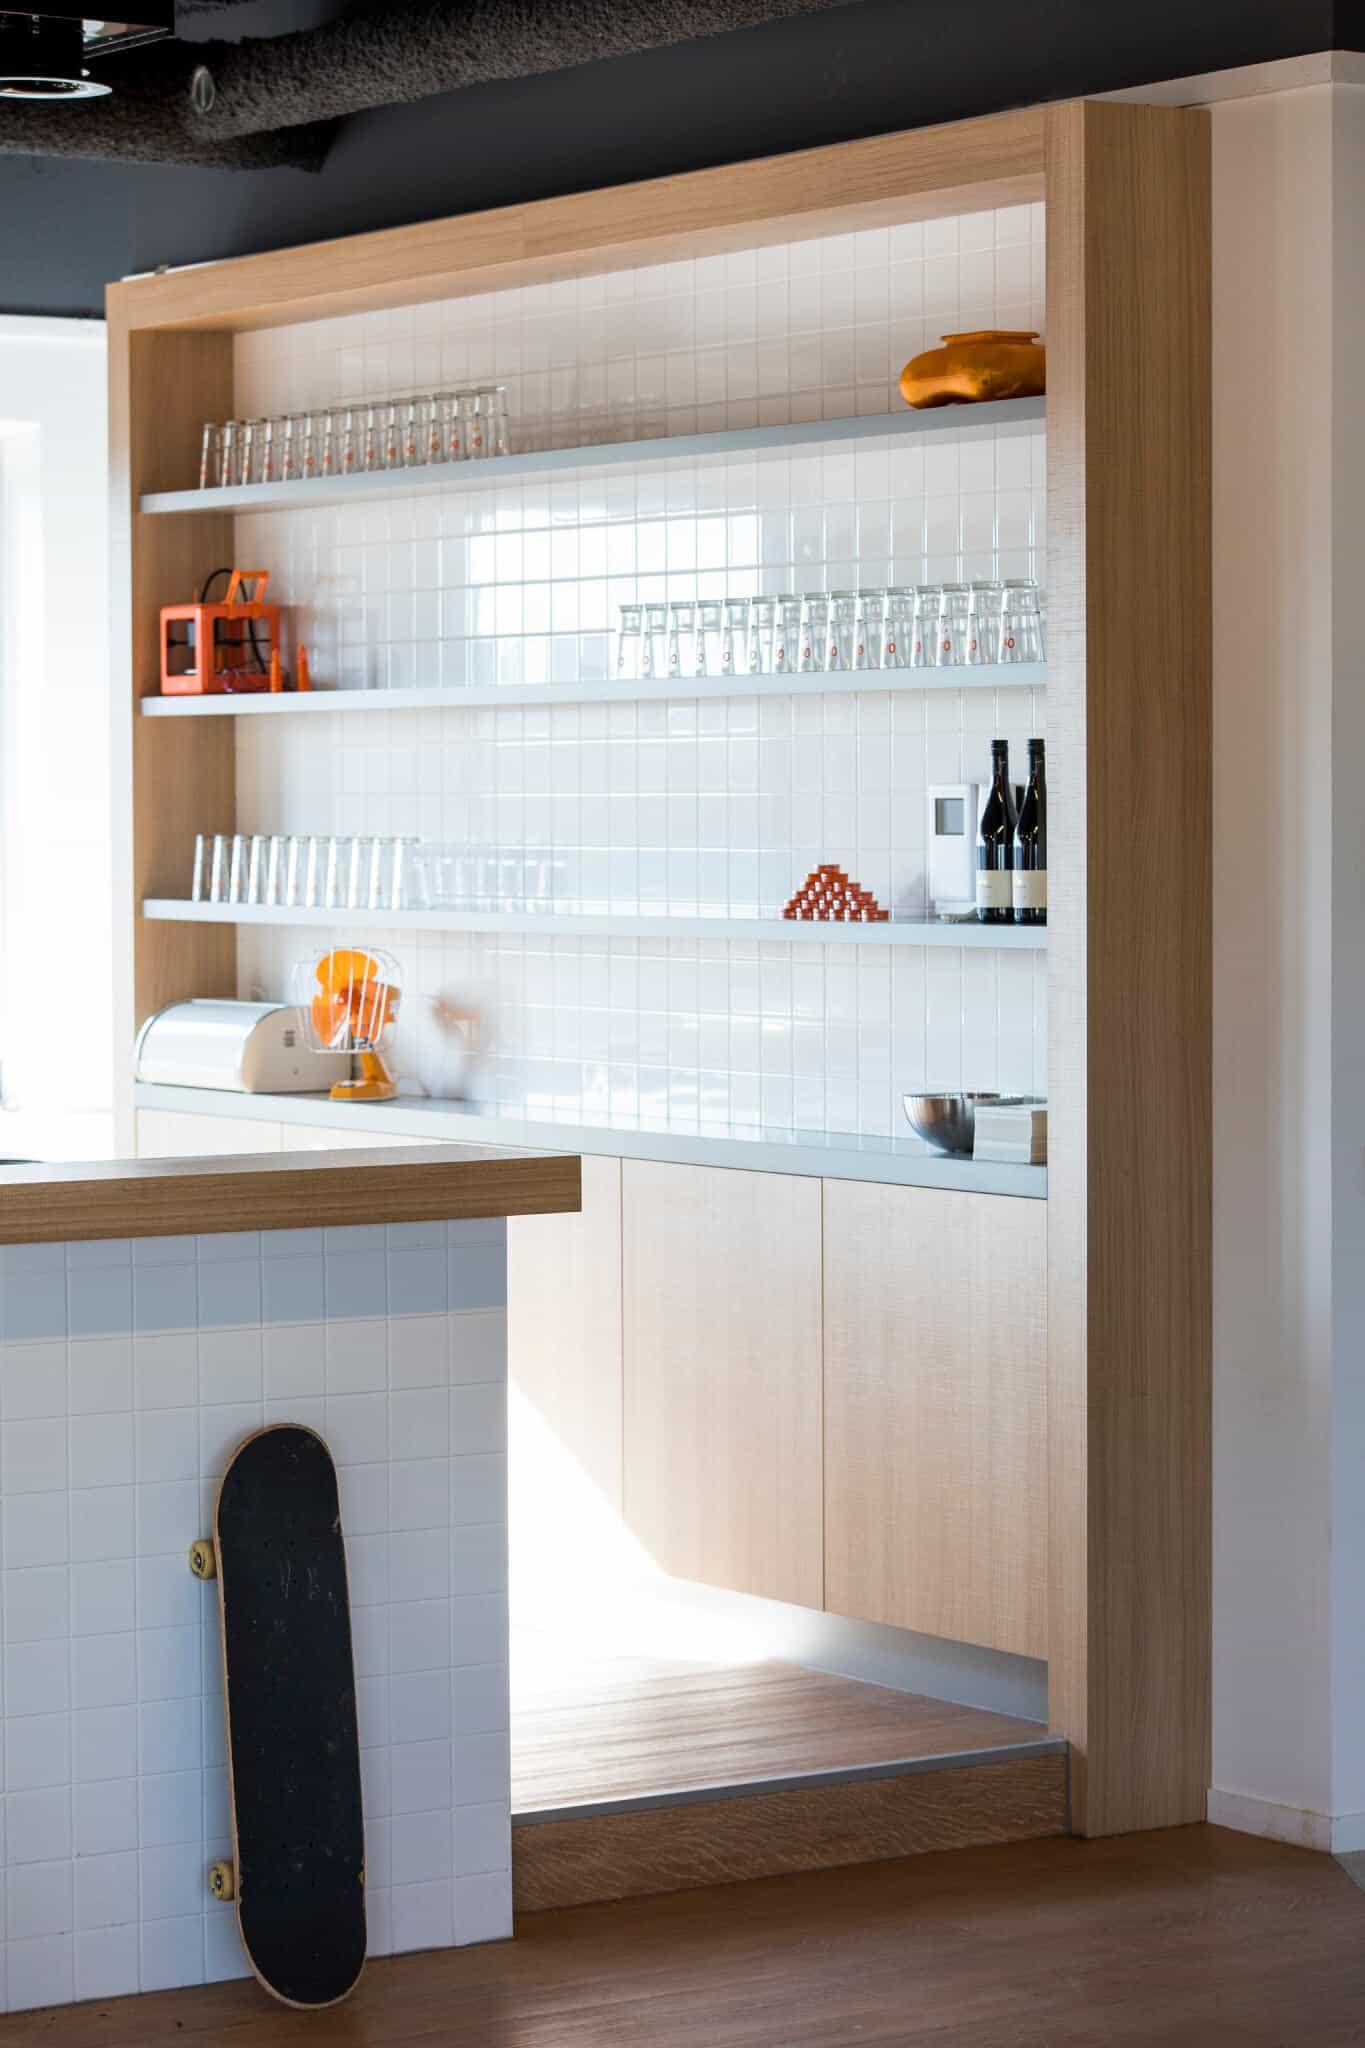 Interieurarchitect Wildenberg ontwerpt hoofdkantoor Infi pantry bedrijfsrestaurant keuken op maat skateboard